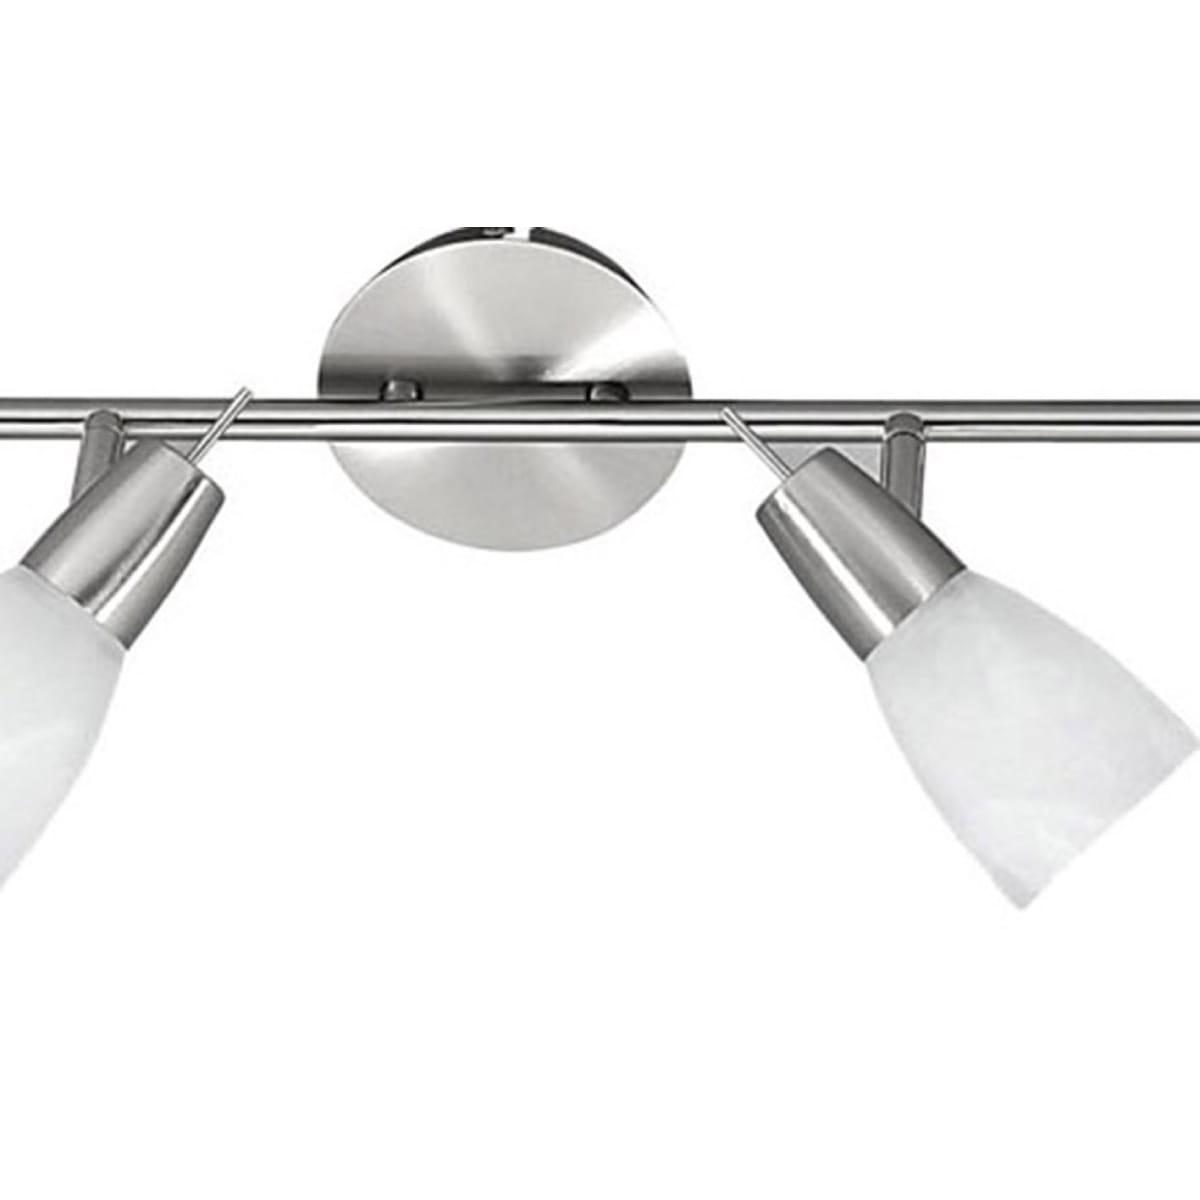 LED Deckenleuchte, 4-flammig, stahl, schwenkbar,